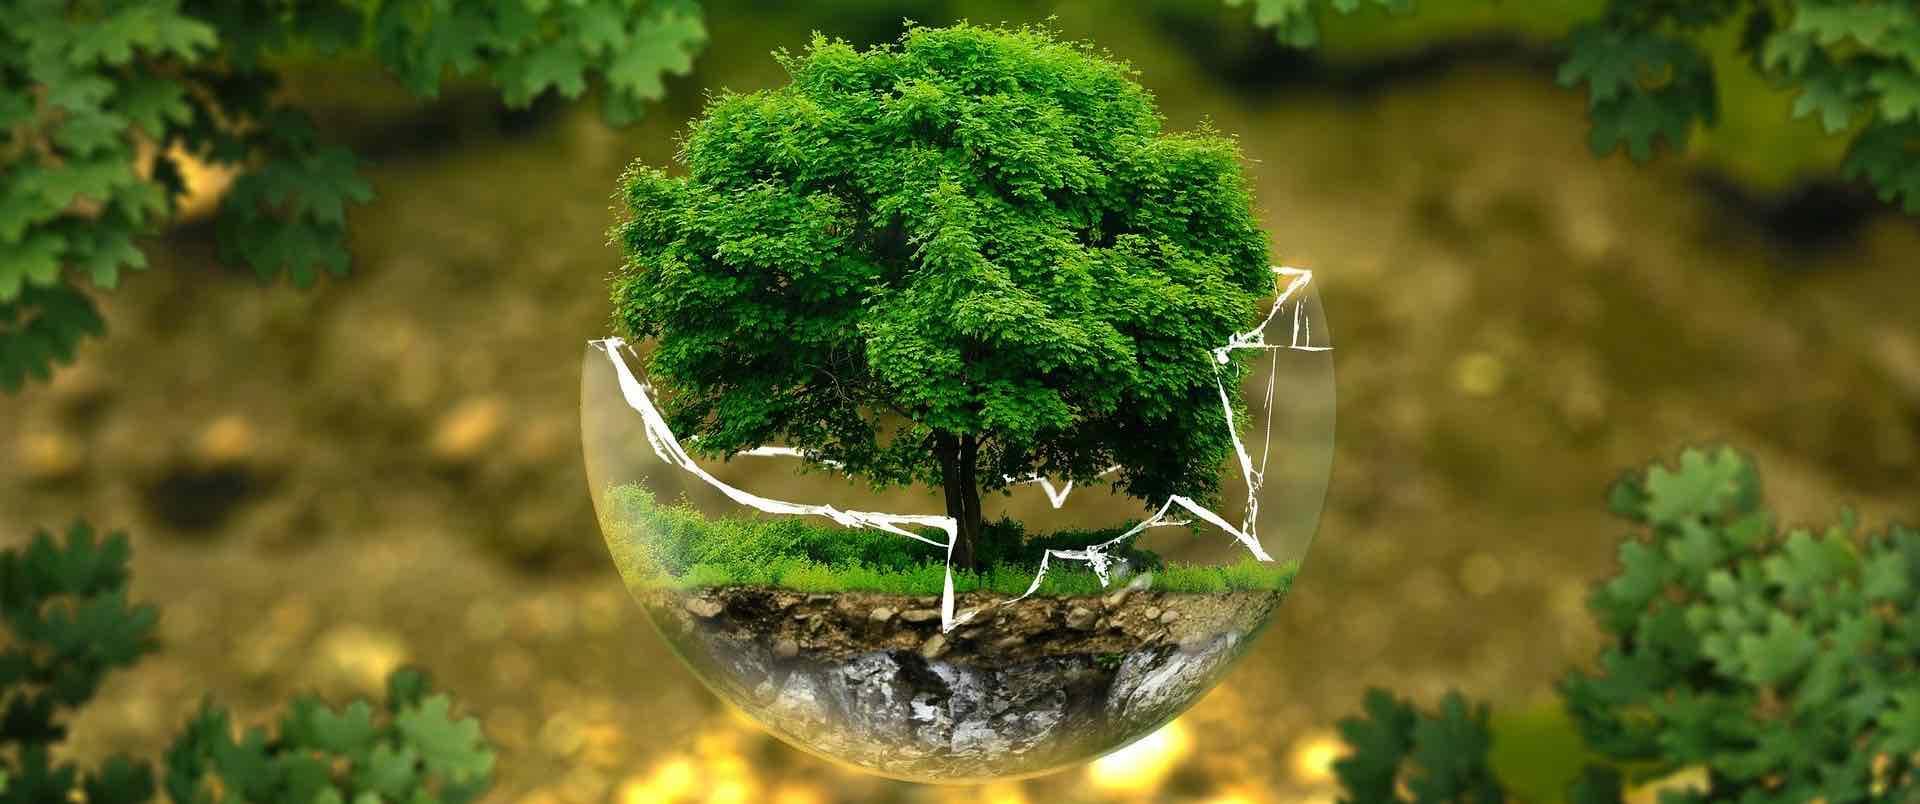 arbre qui symbolise la preservation de l environnement